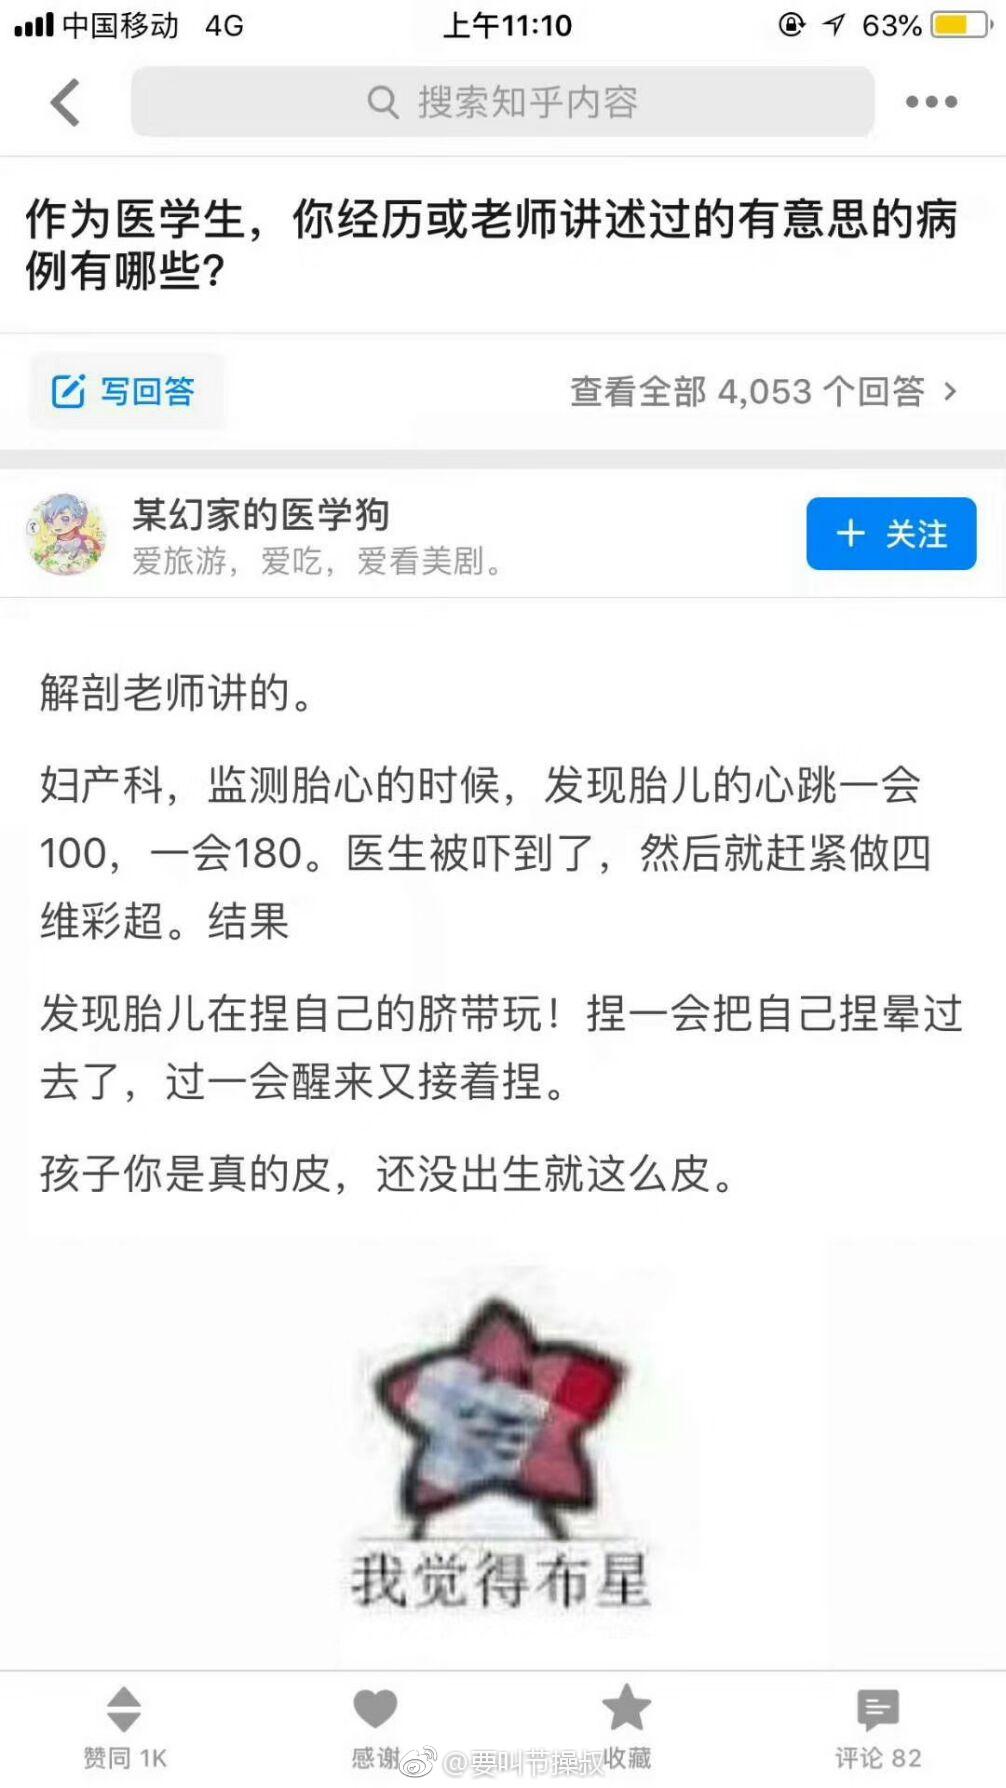 2018 青年福利微刊第 189 期:夏日山居好,凉风树下生